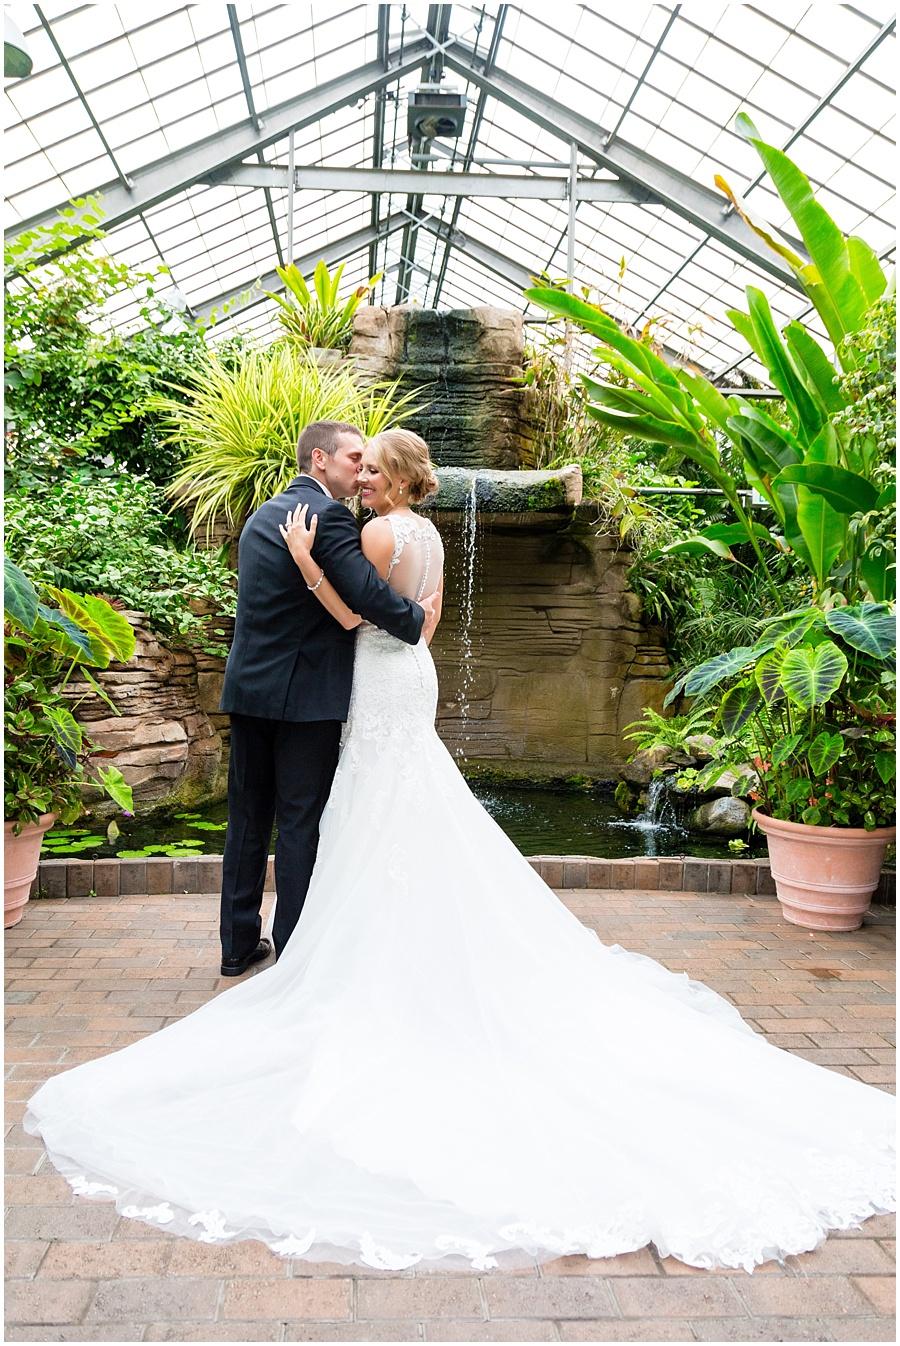 omni-indianapolis-st-john-wedding-photographers-indiana_3732.jpg